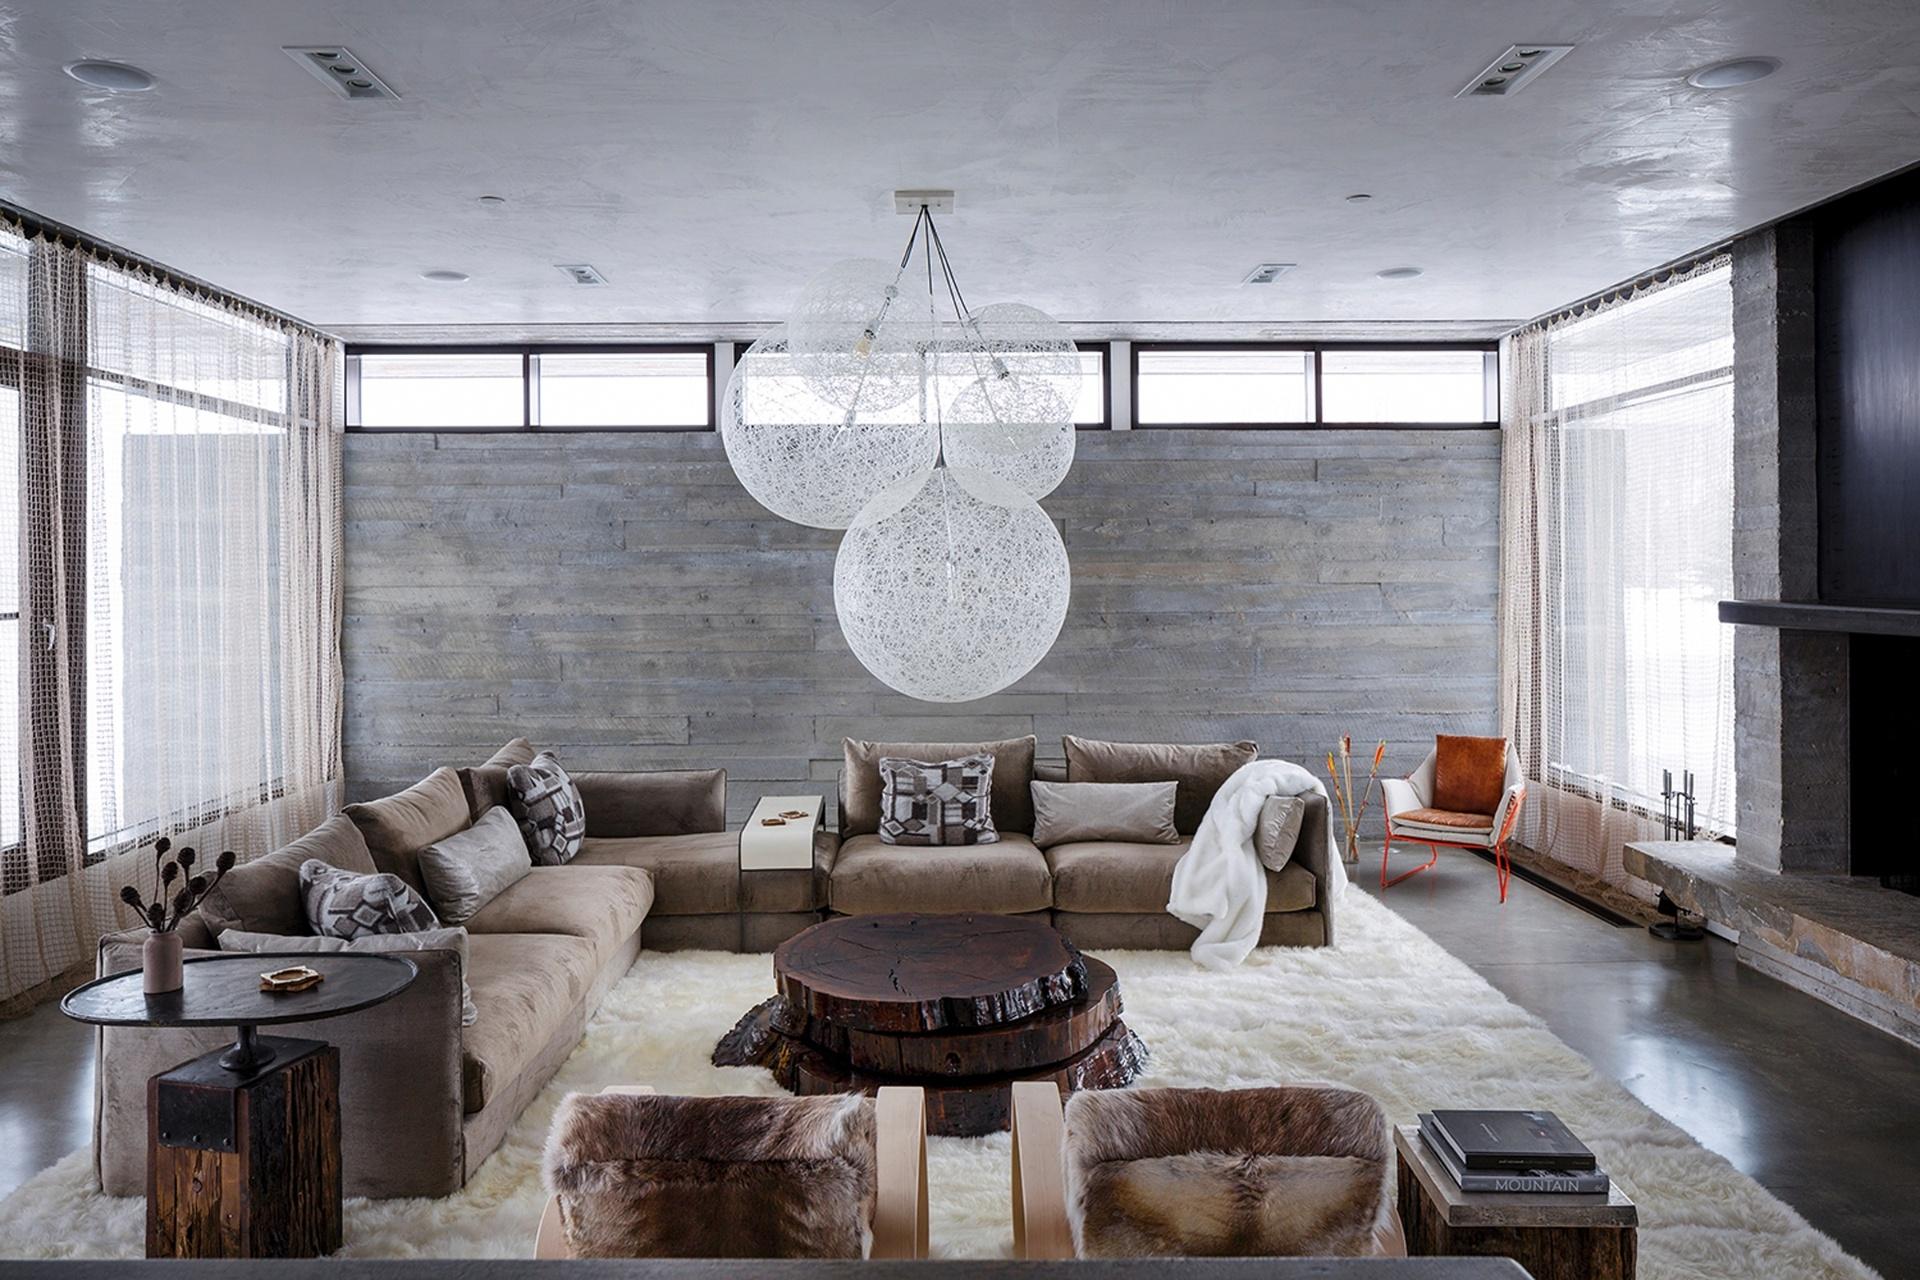 Na sala de estar, o sofá modular repousa sobre o amplo tapete de pele de ovelha e é combinado à mesa, composta por lâminas de uma tora de nogueira, e à luminária da Moooi (Imagem do NYT, usar apenas no respectivo material)